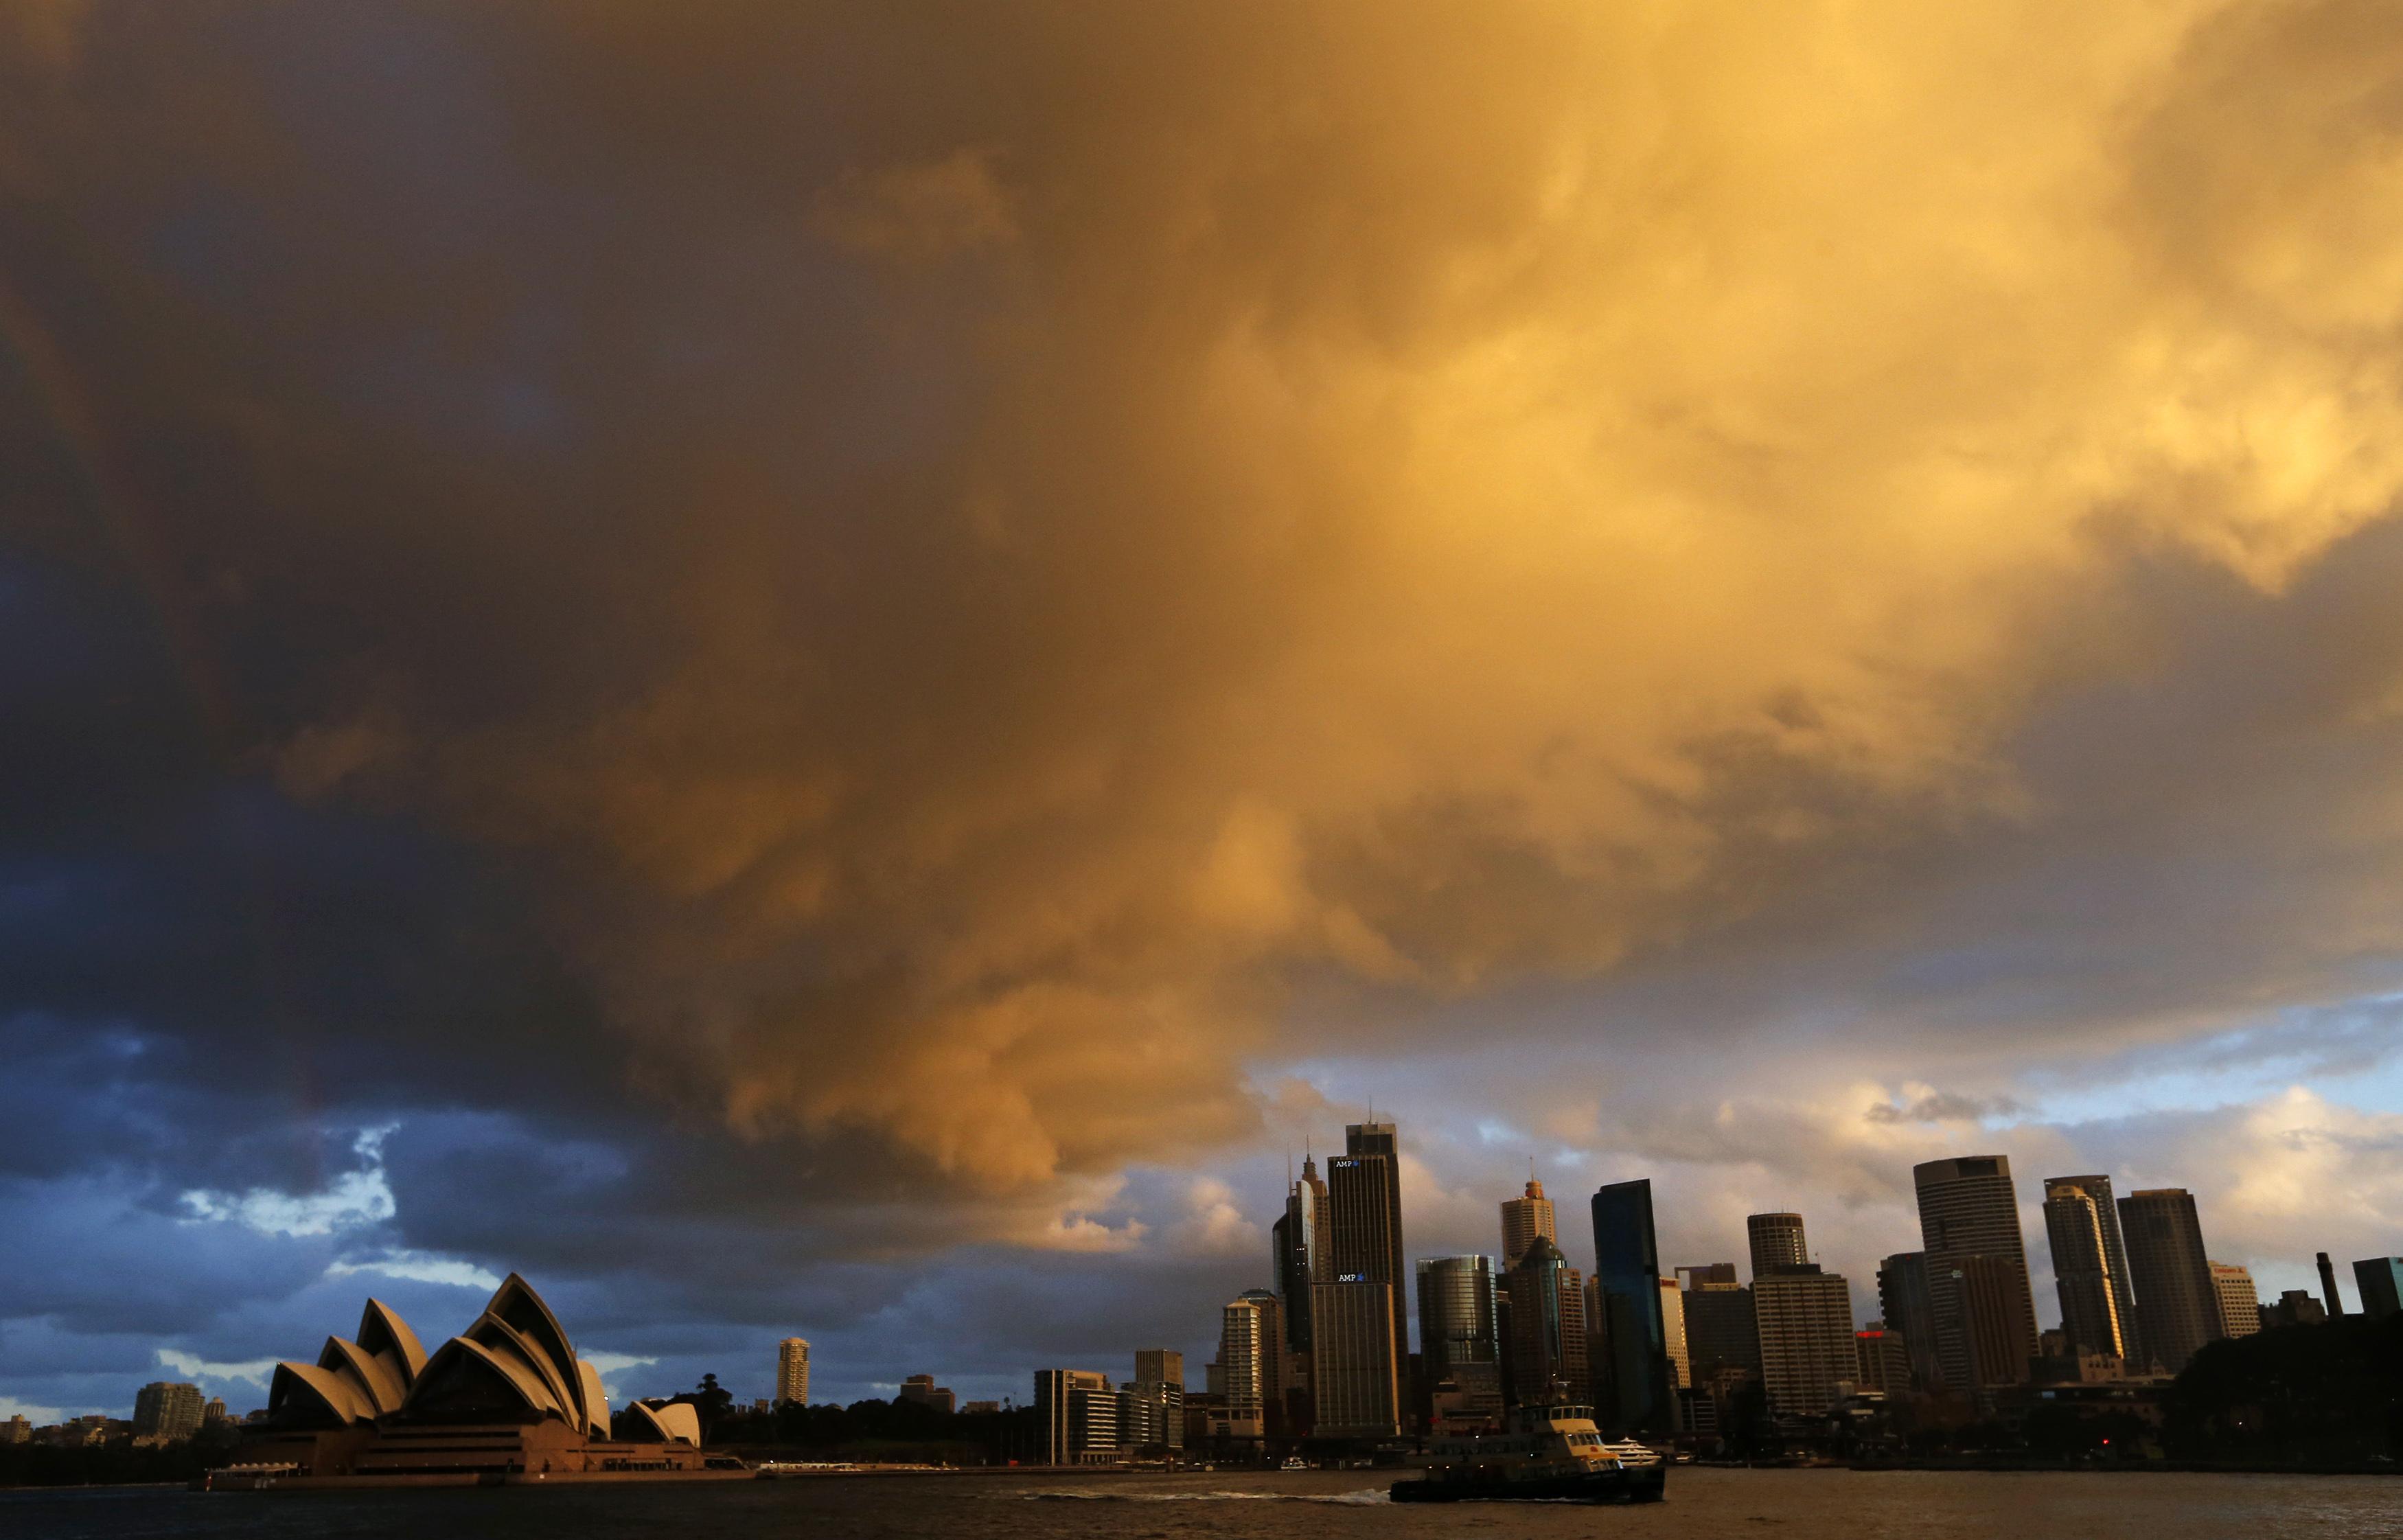 AUSTRÁLIA, 31.7.2013. Um ferry passa a Ópera de Sydney numa tarde muito quente